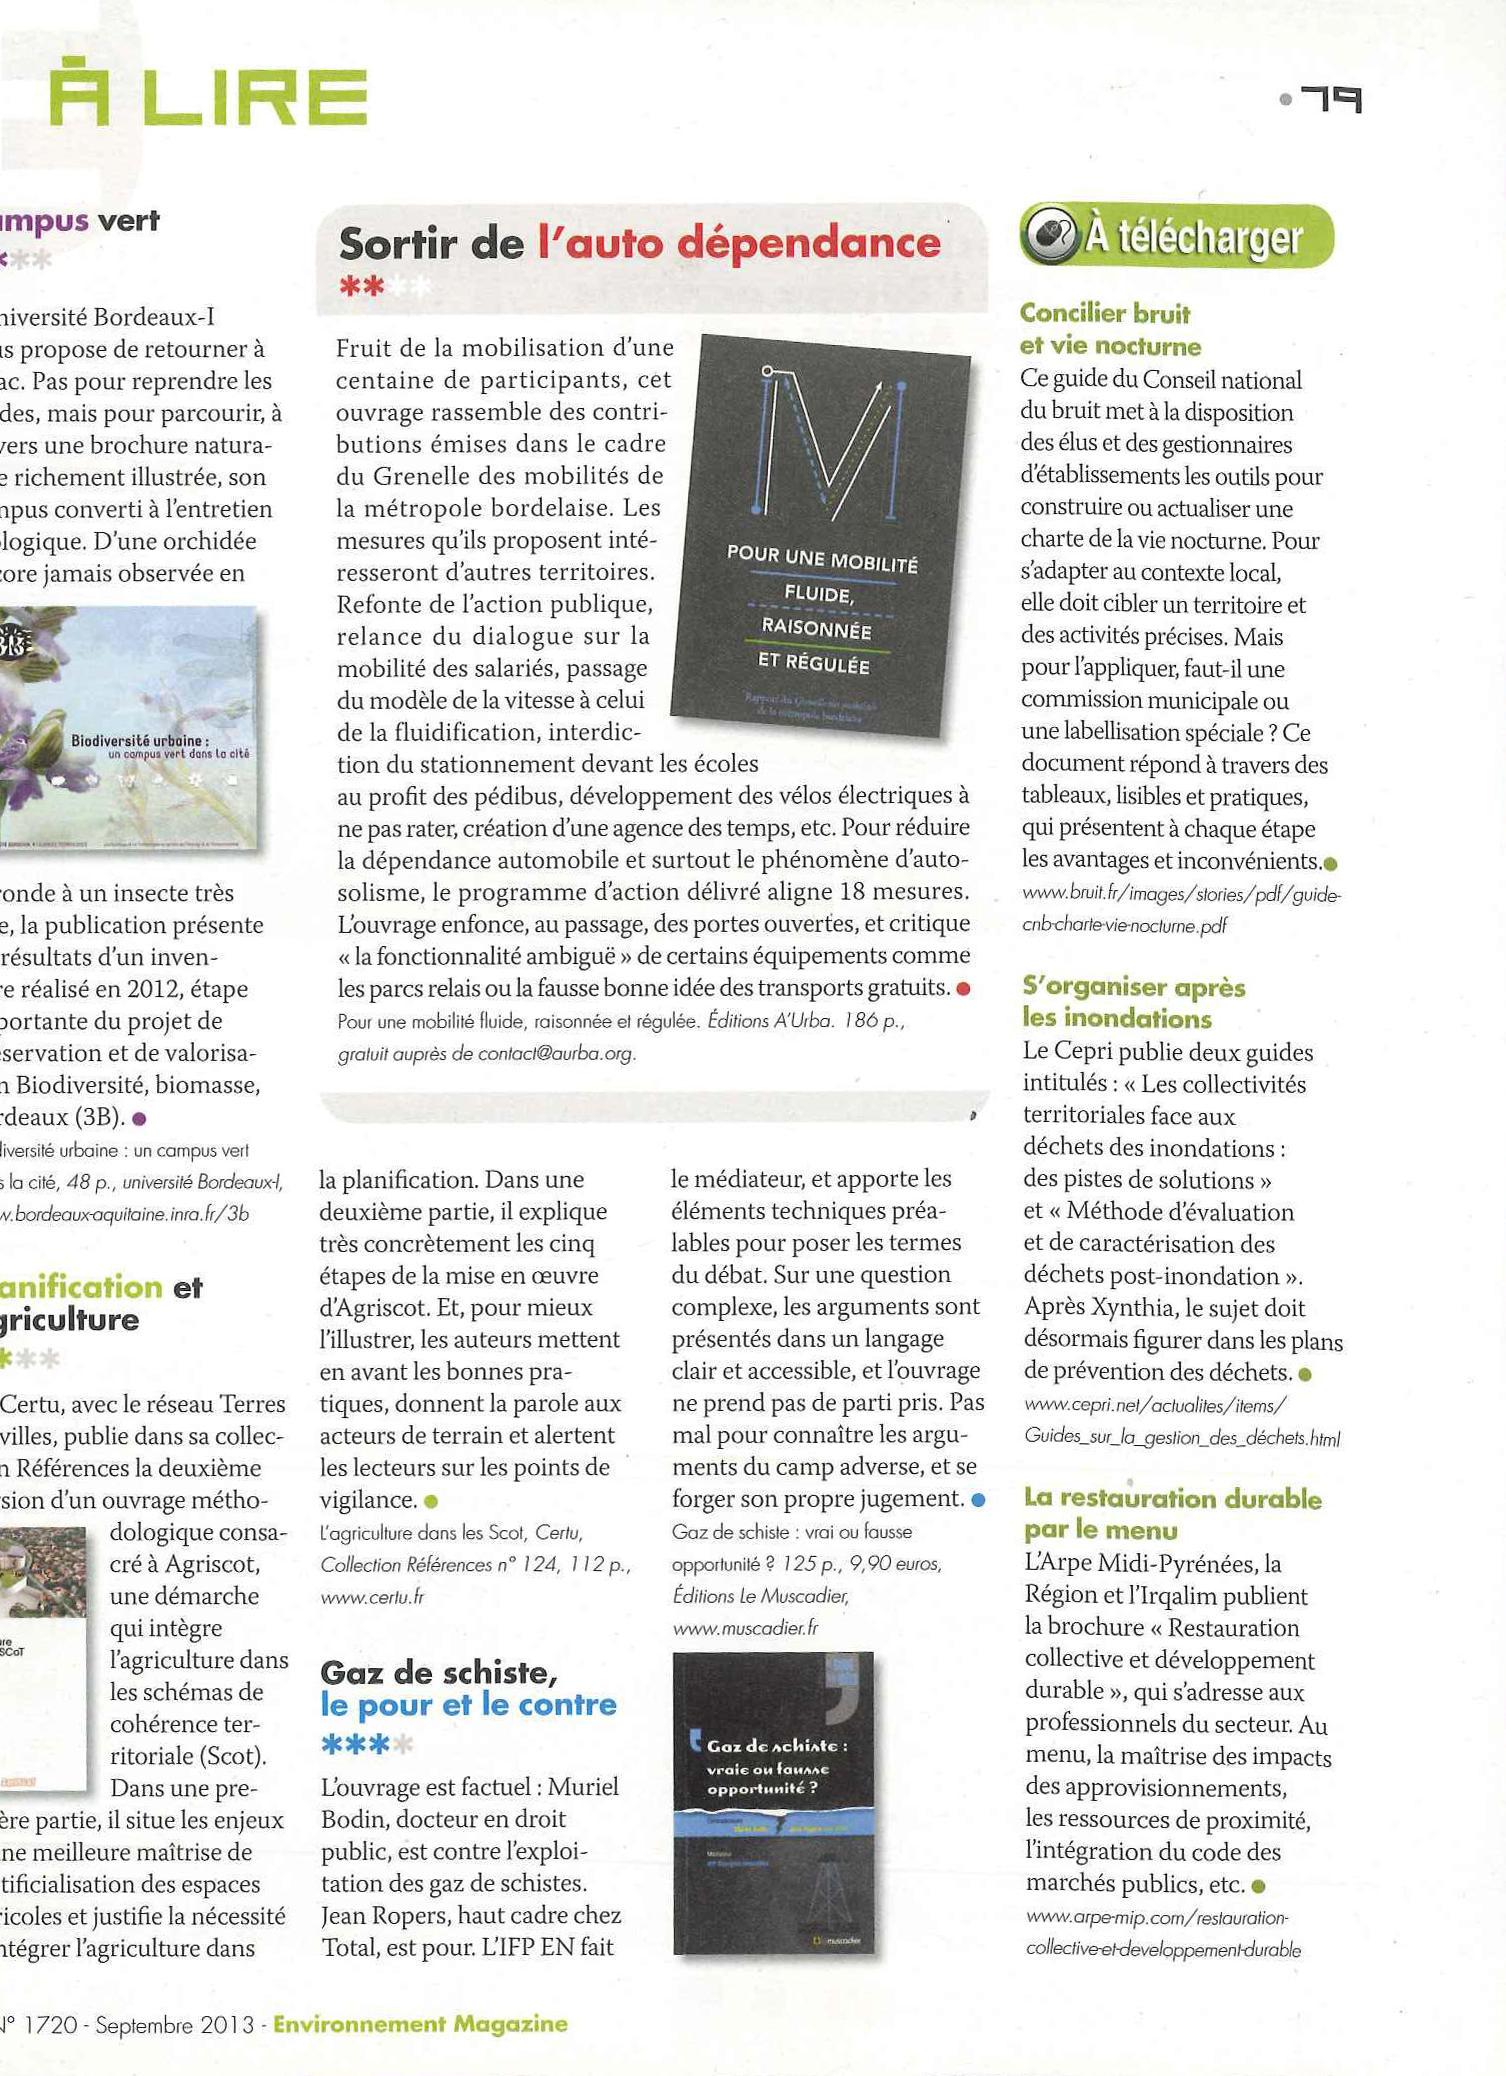 Article sur le gaz de schiste - Environnement magazine - septembre 2013